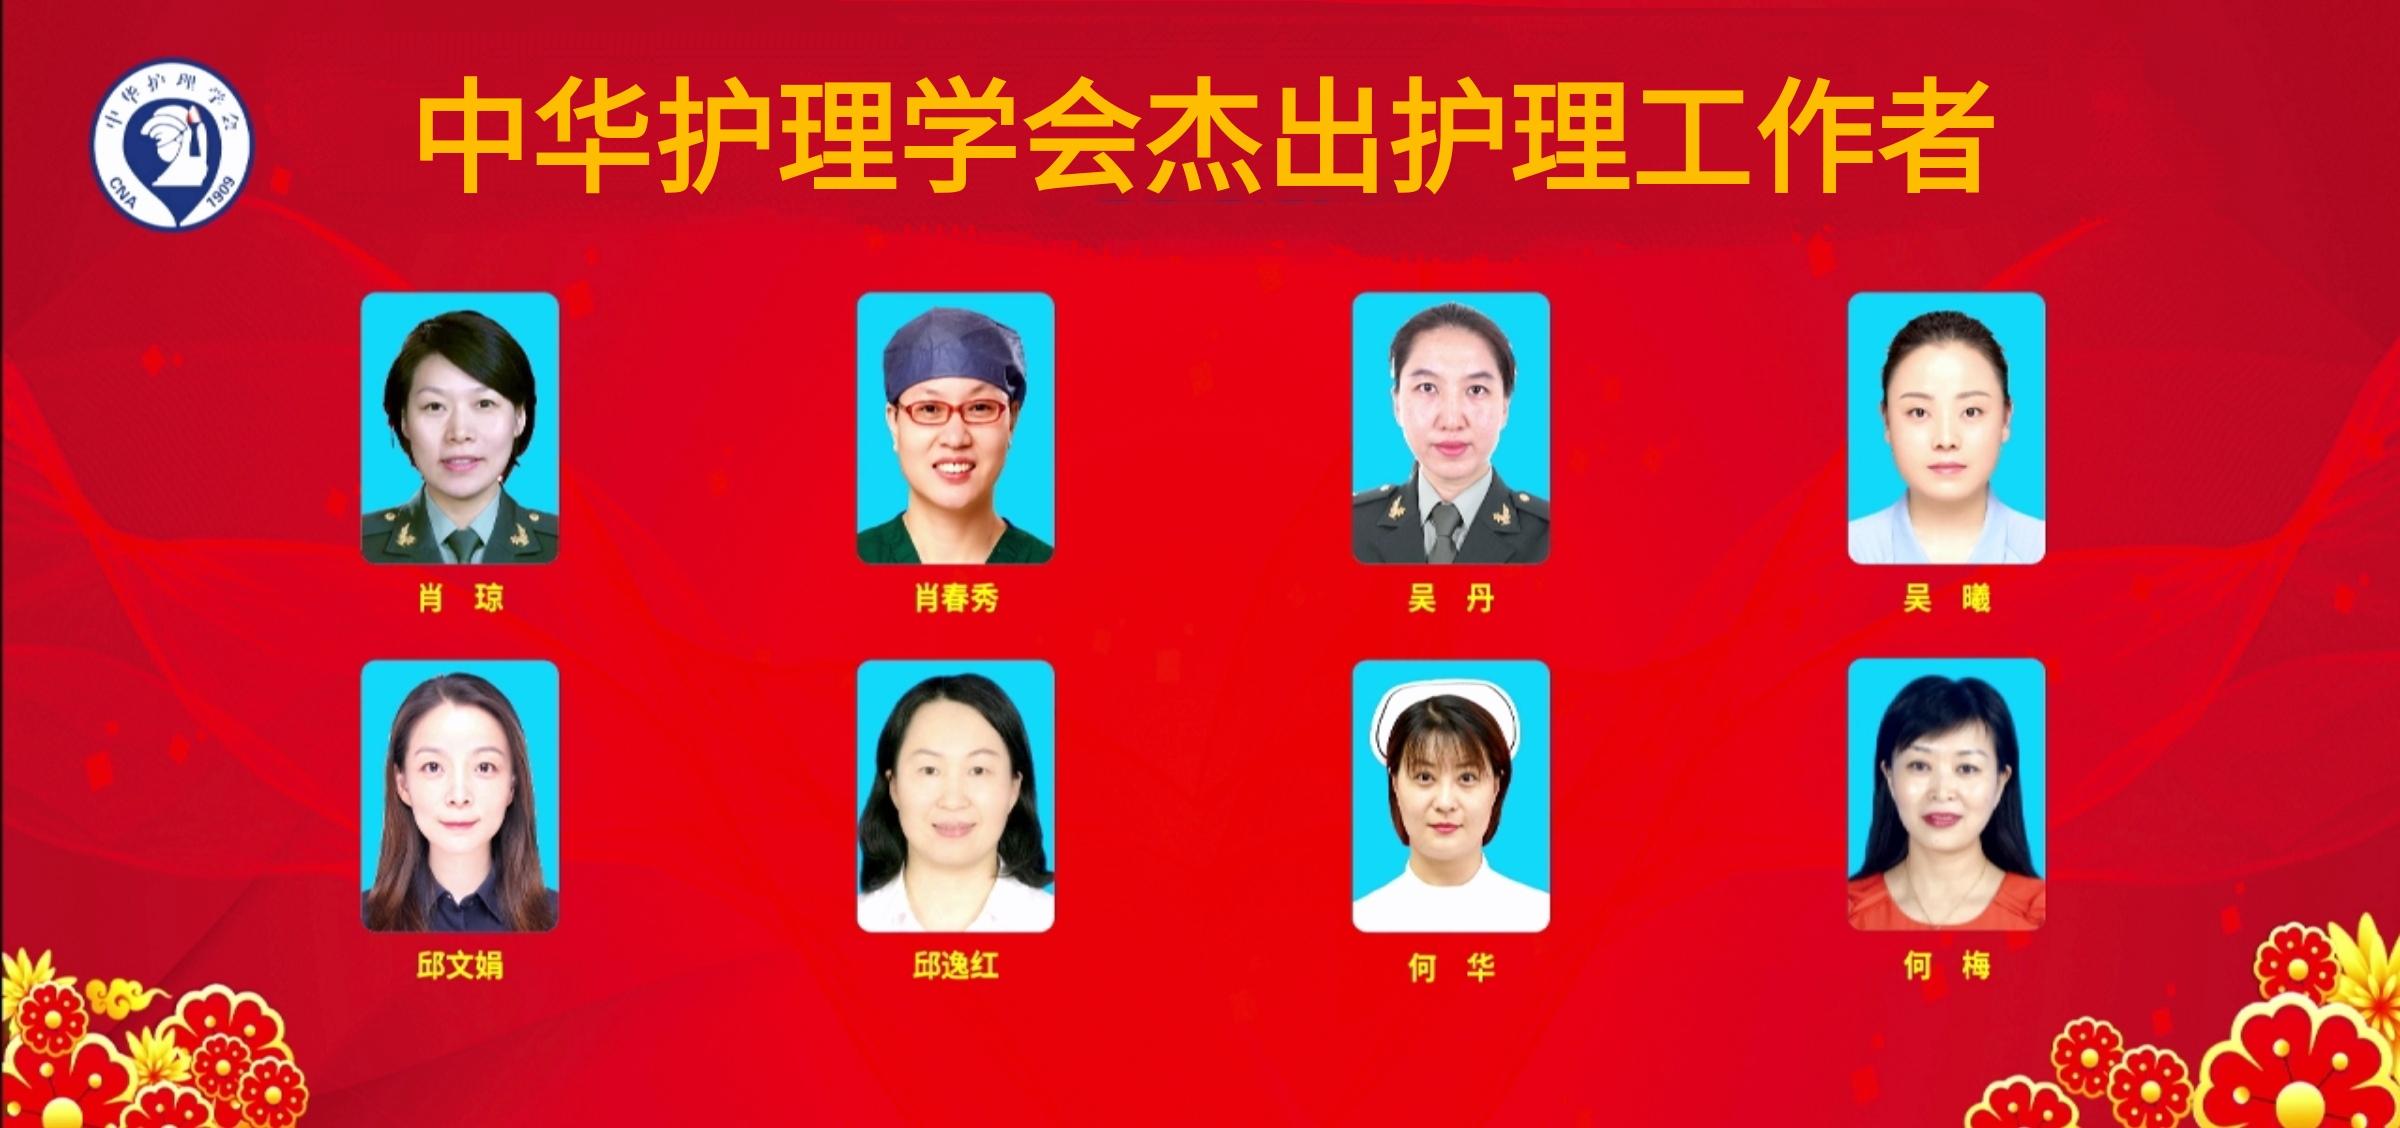 绵阳市中心医院护理学科带头人何梅荣获全国「 杰出护理工作者」